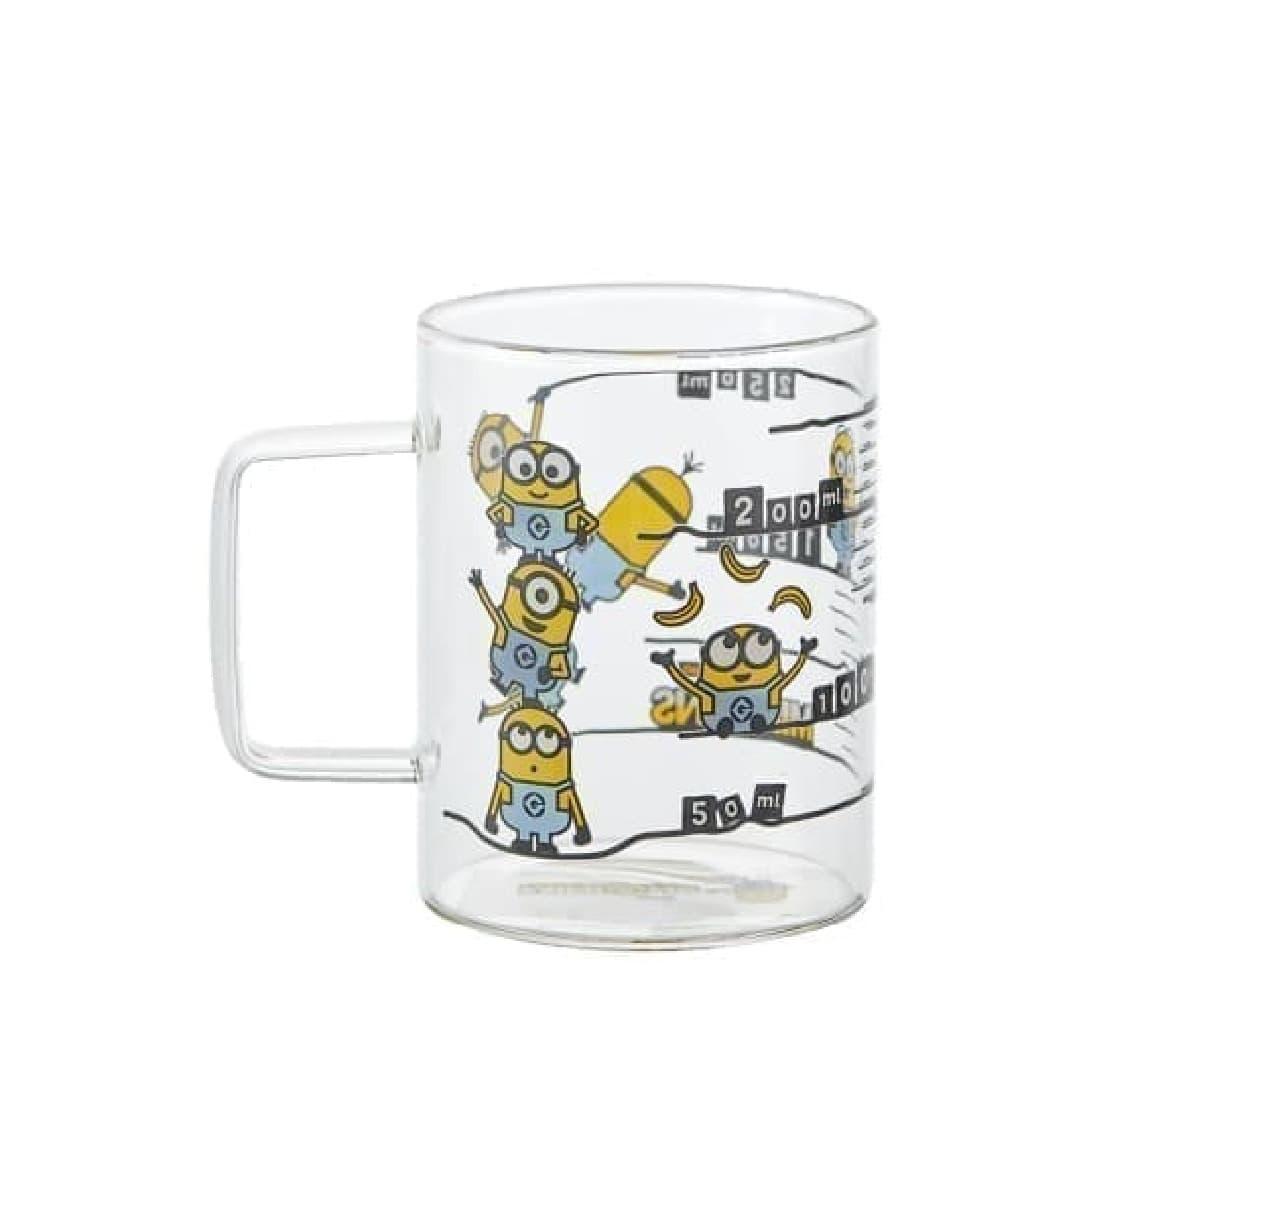 「計量マグカップ/ミニオン」がレコルトから -- マグカップとしても使える便利な耐熱ガラス製